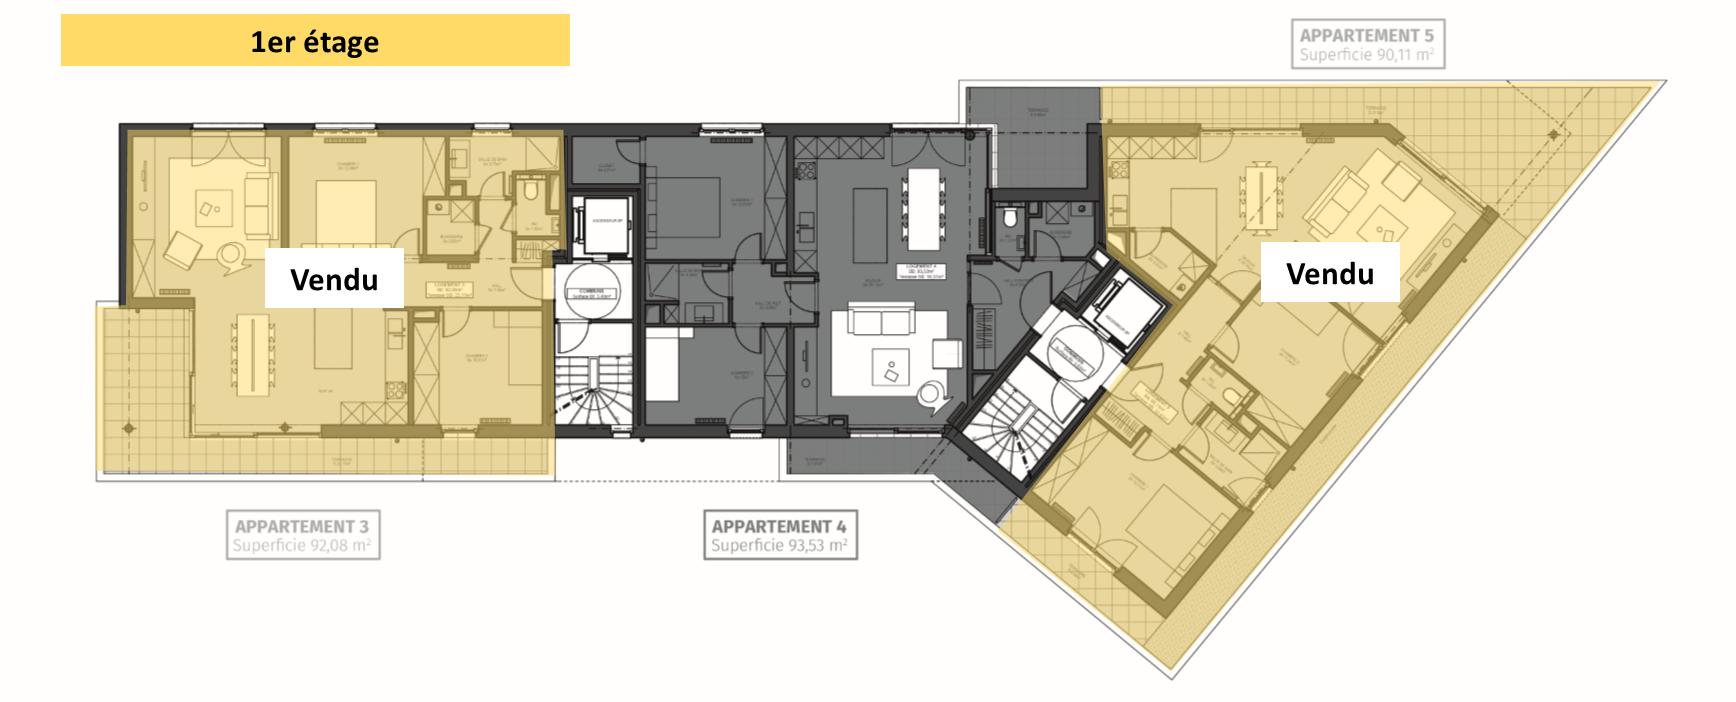 Etage 1 - 18022019